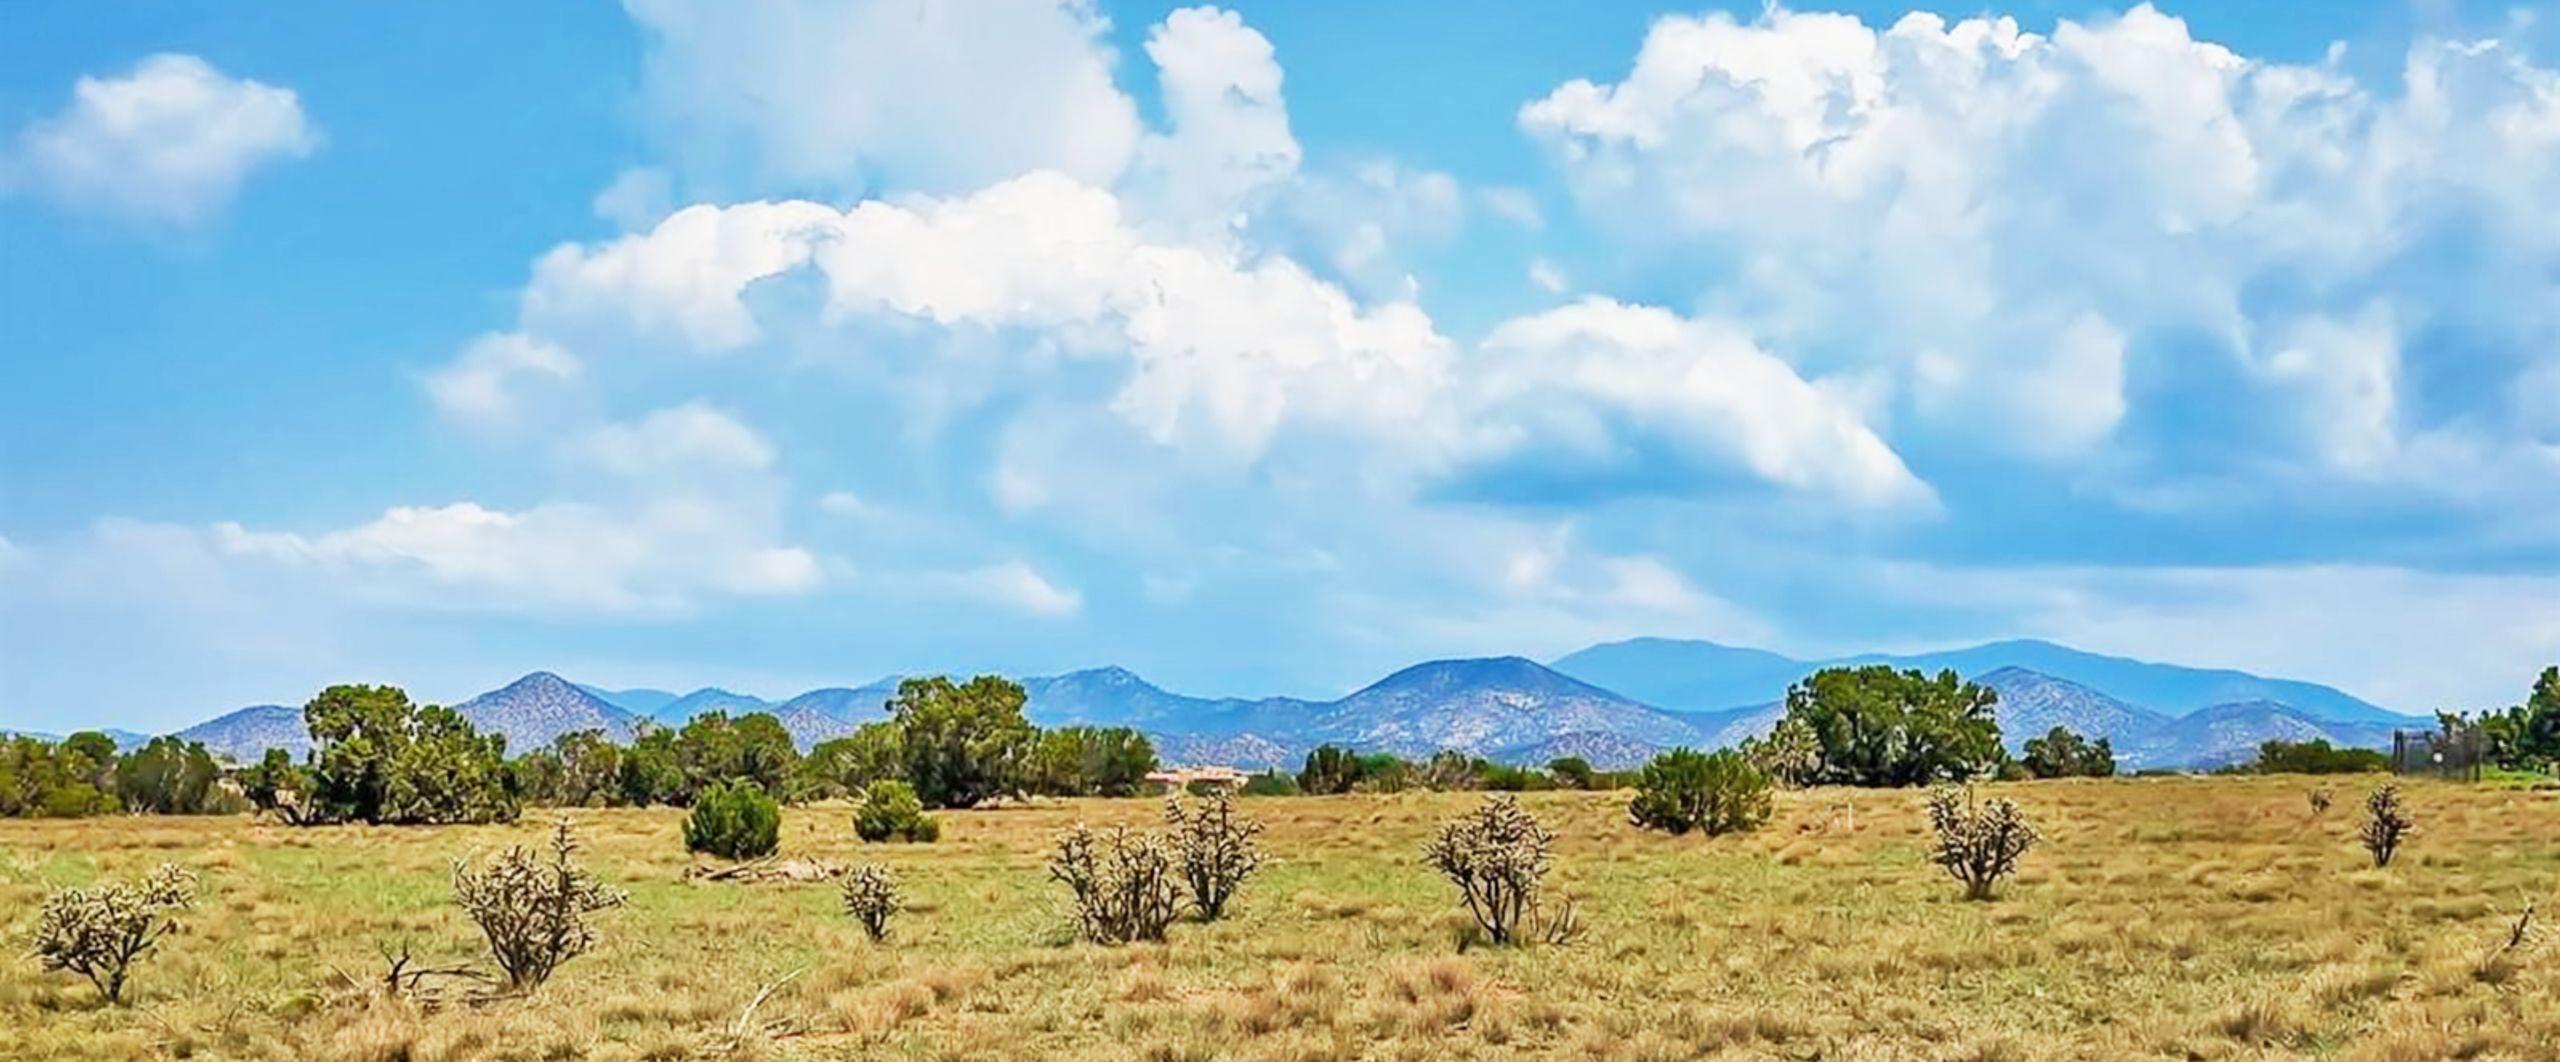 6 Rancho Verano  ::  $150,000